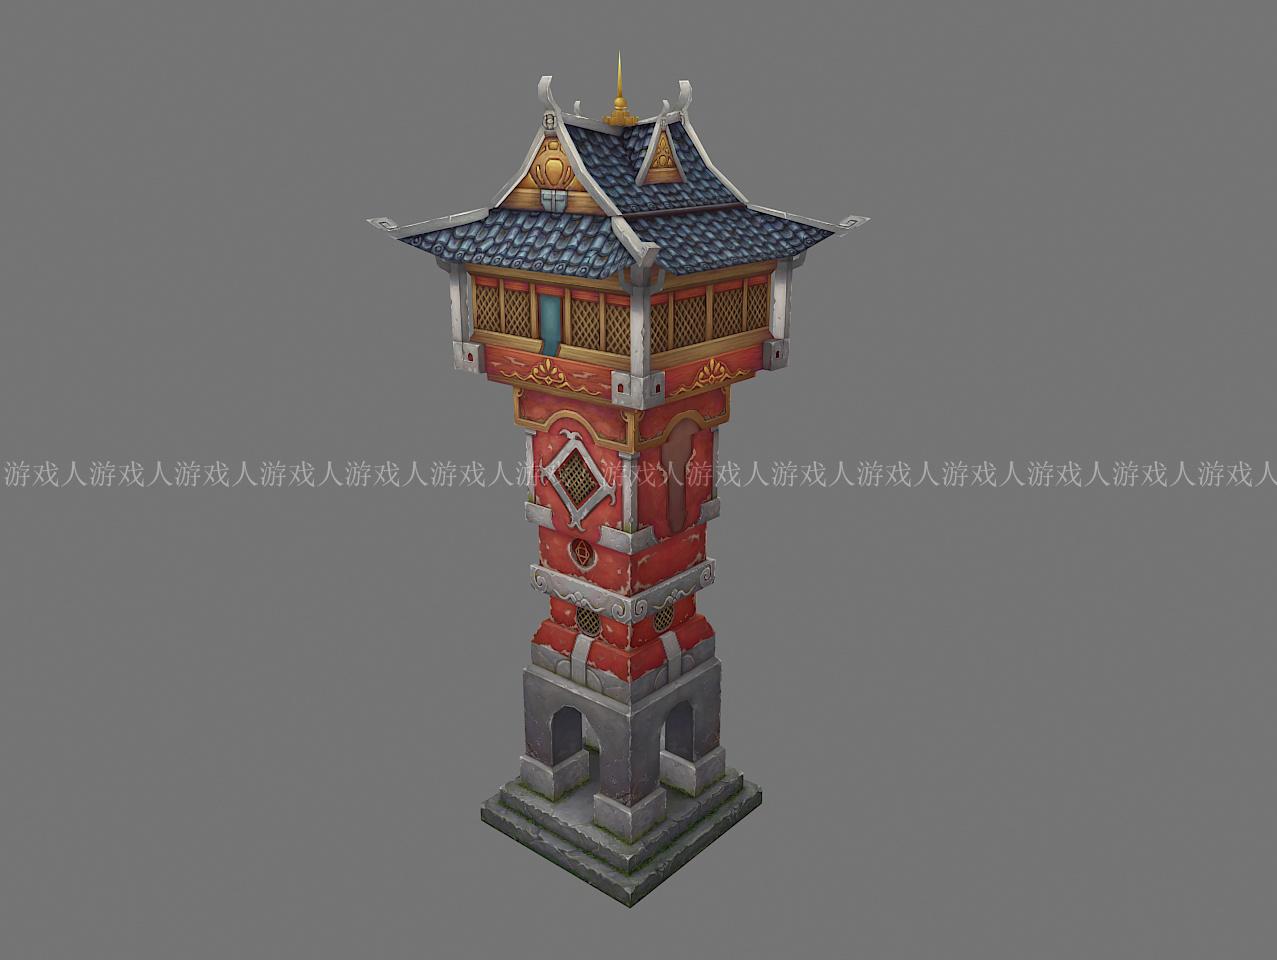 3d游戏——场景建模及手绘贴图(中式古建筑)